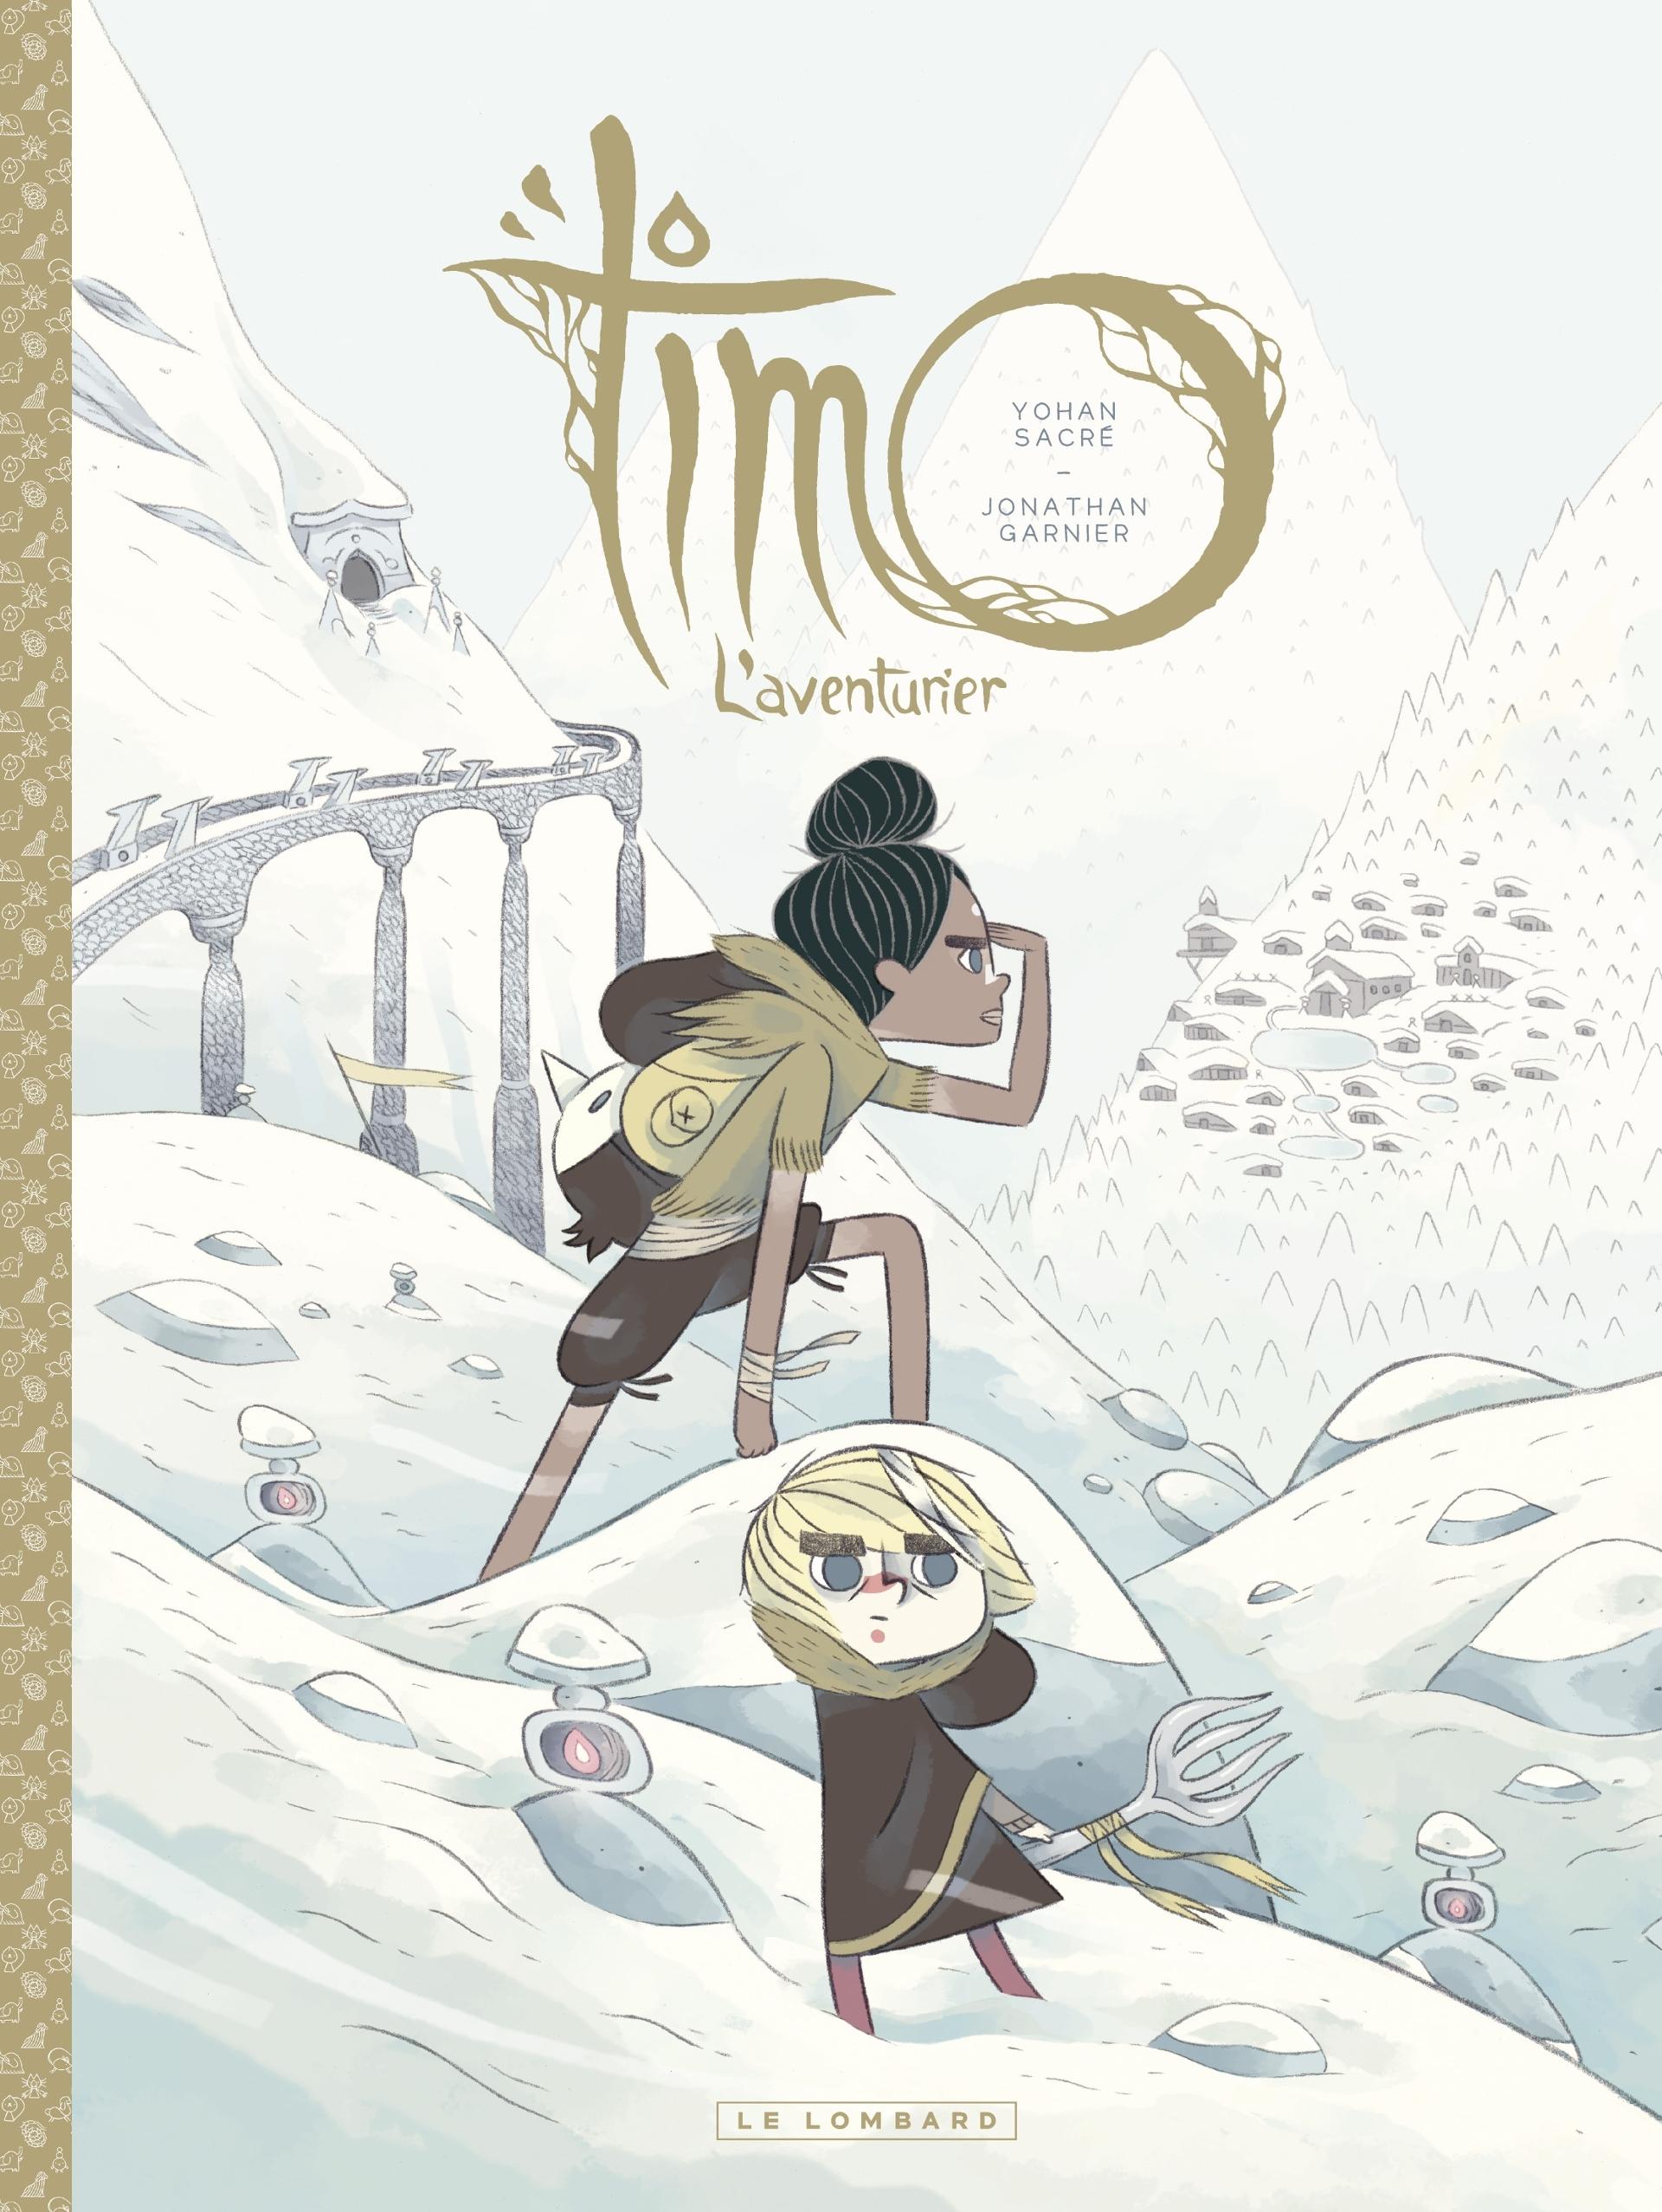 Timo l'aventurier 2 - Tome 2